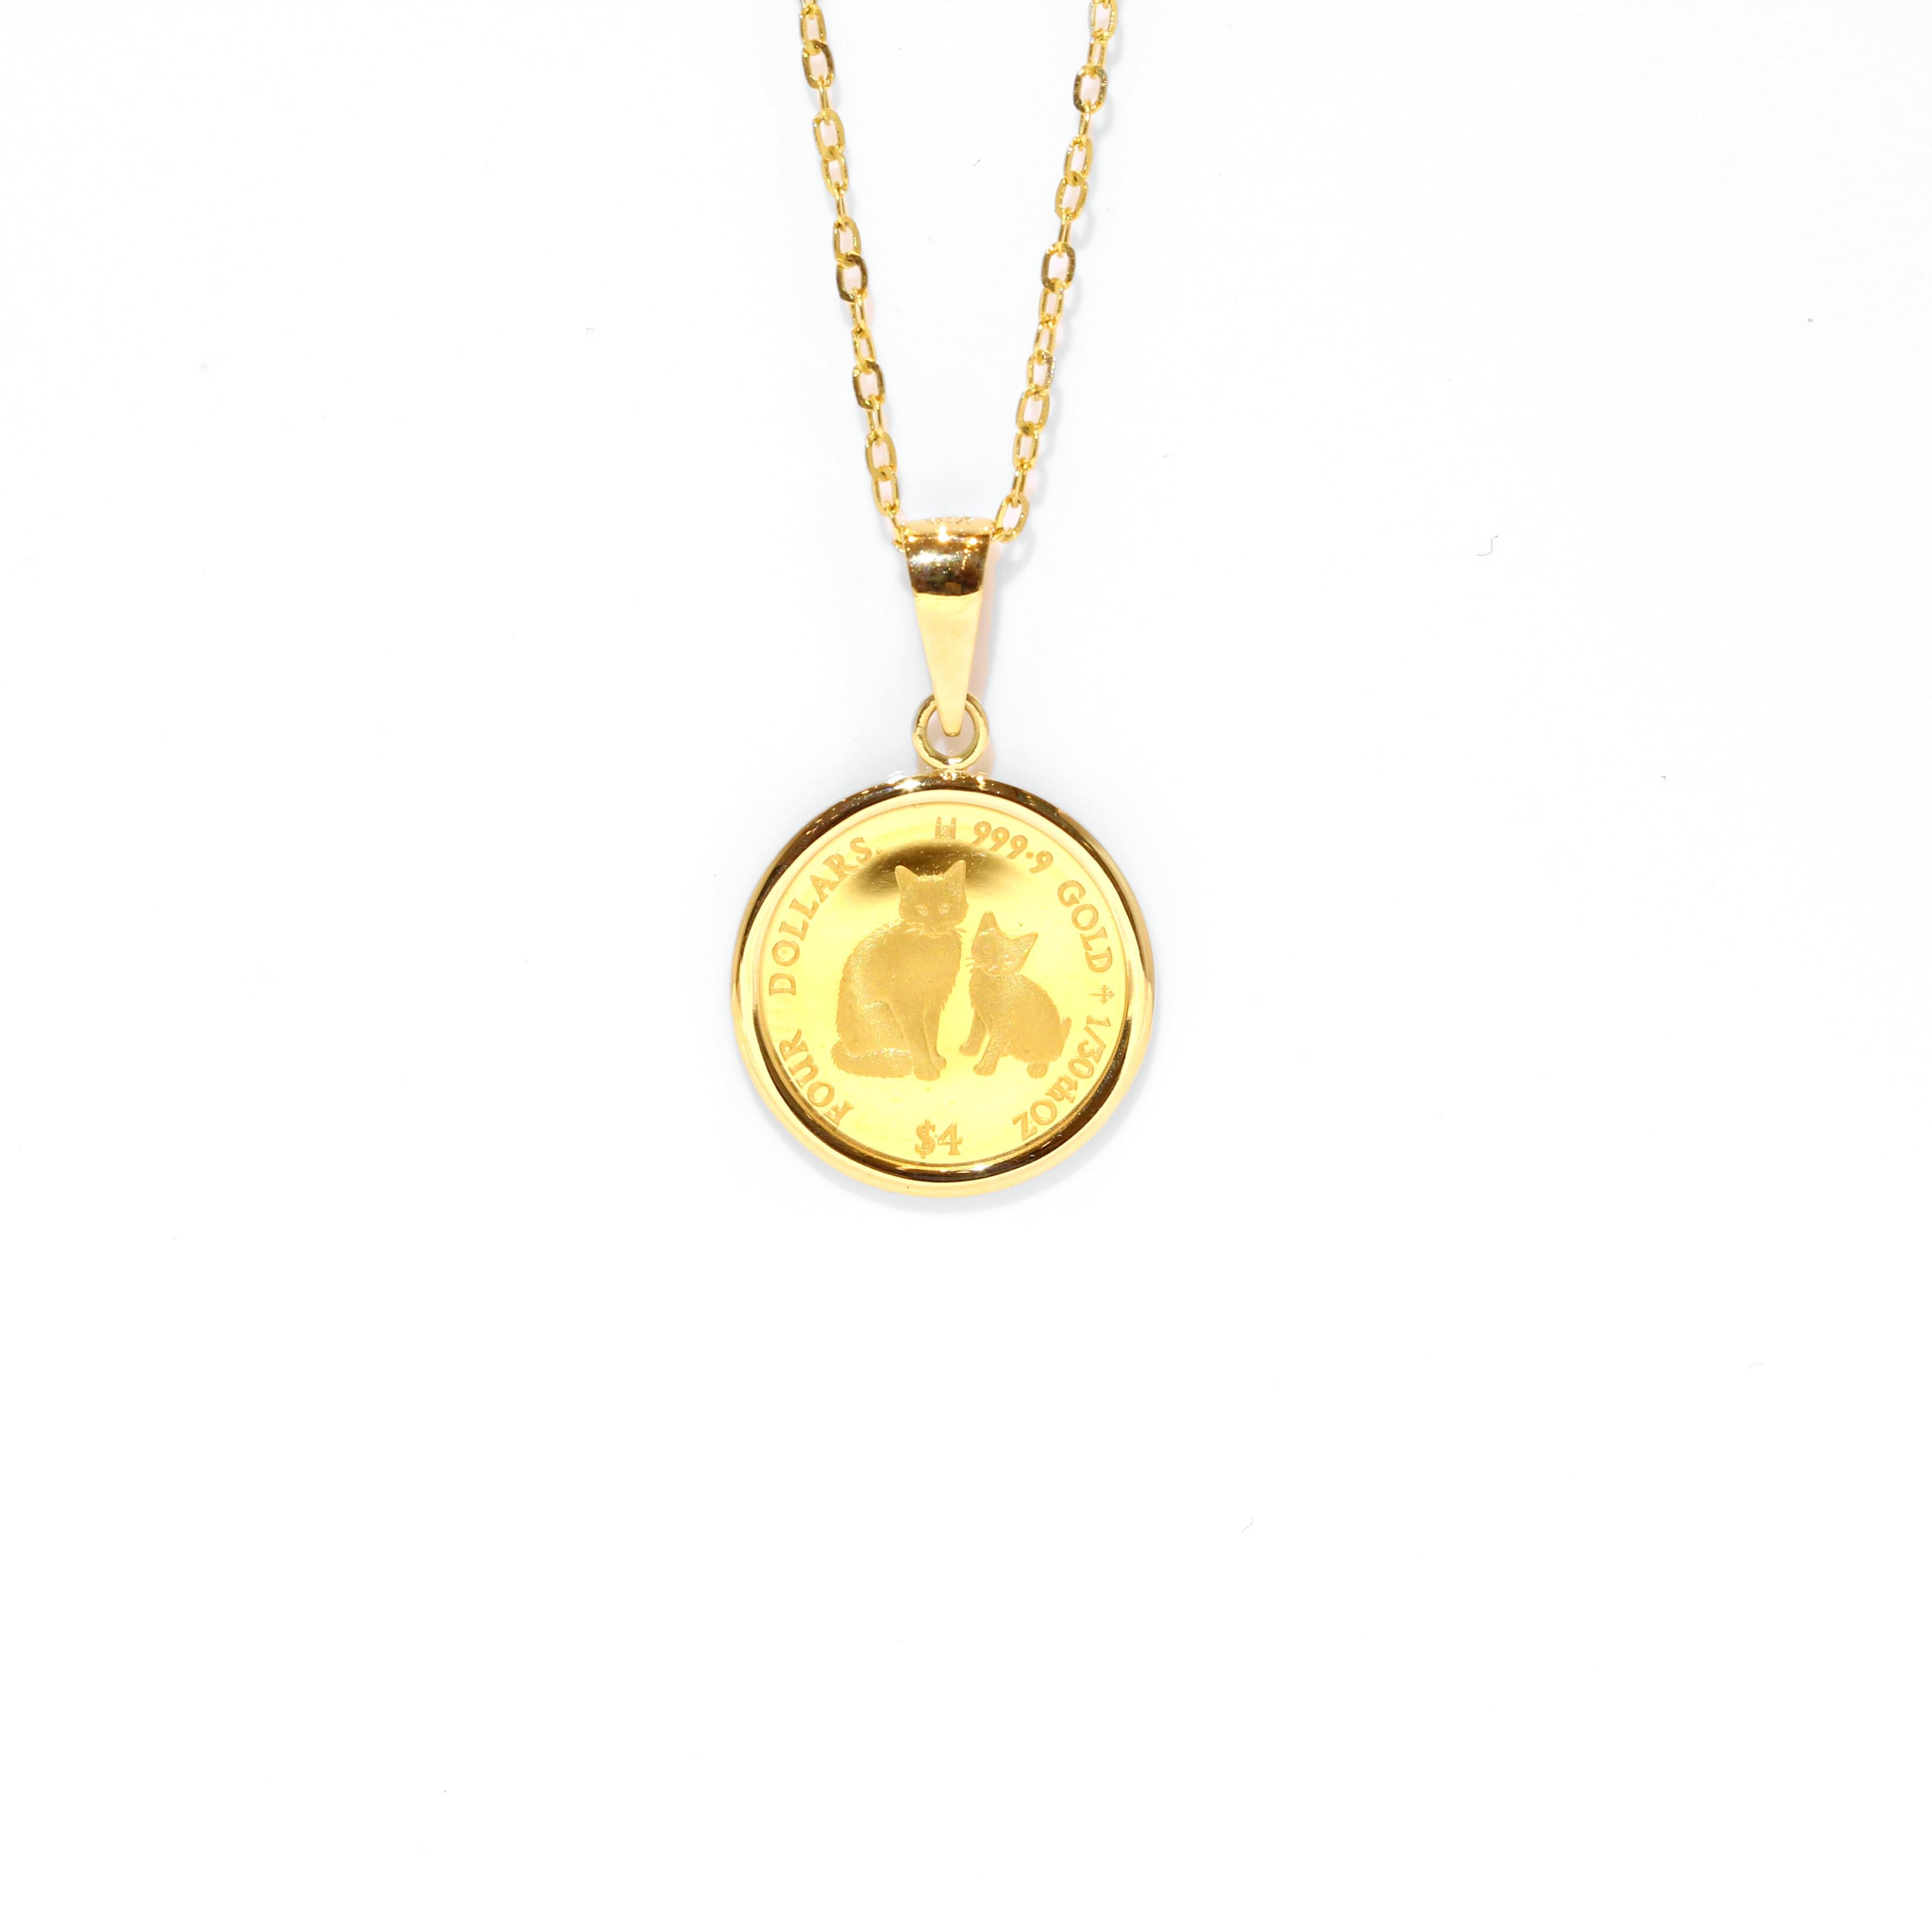 光の宝石24 k金カナダの金貨は3 D硬金のアクセサリーにぶら下がって彼女の娘に贈り物を送ります。